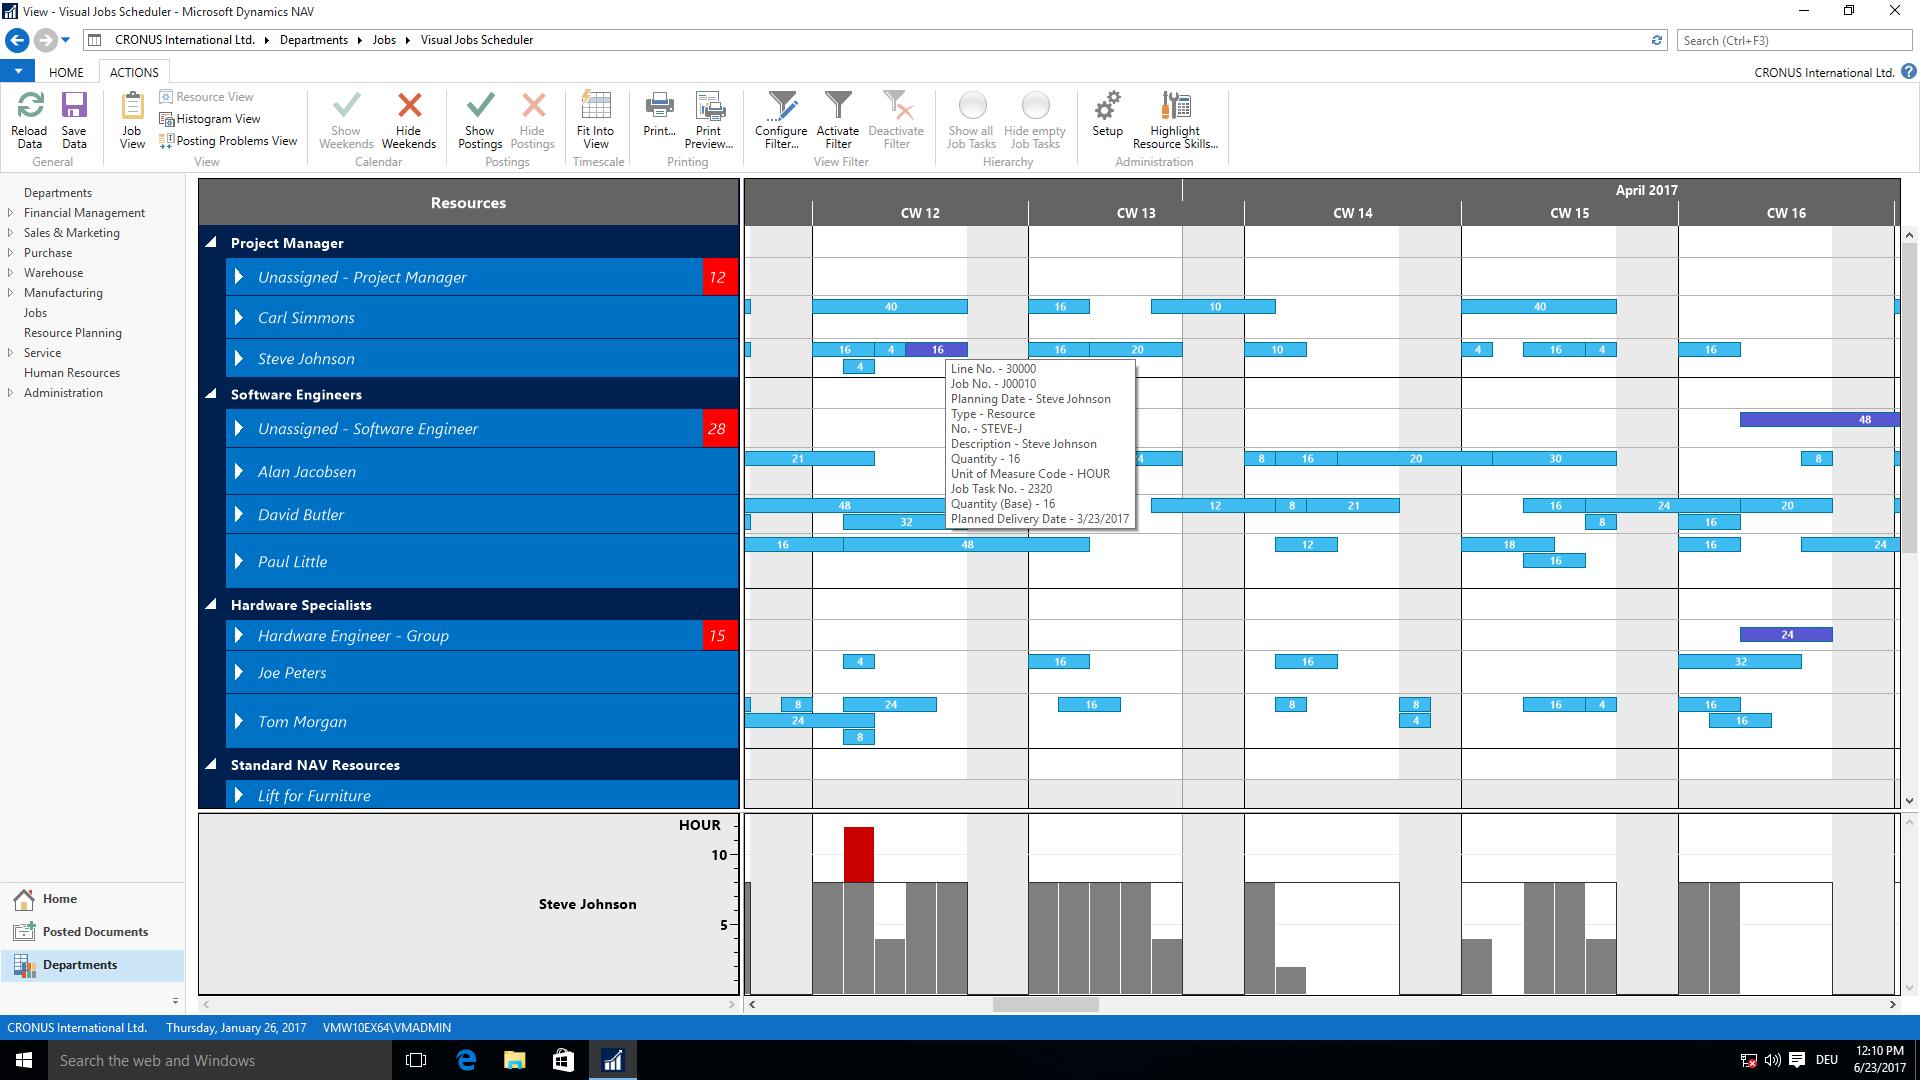 Visual Jobs Scheduler - Überblick über Ressourcenbelegung